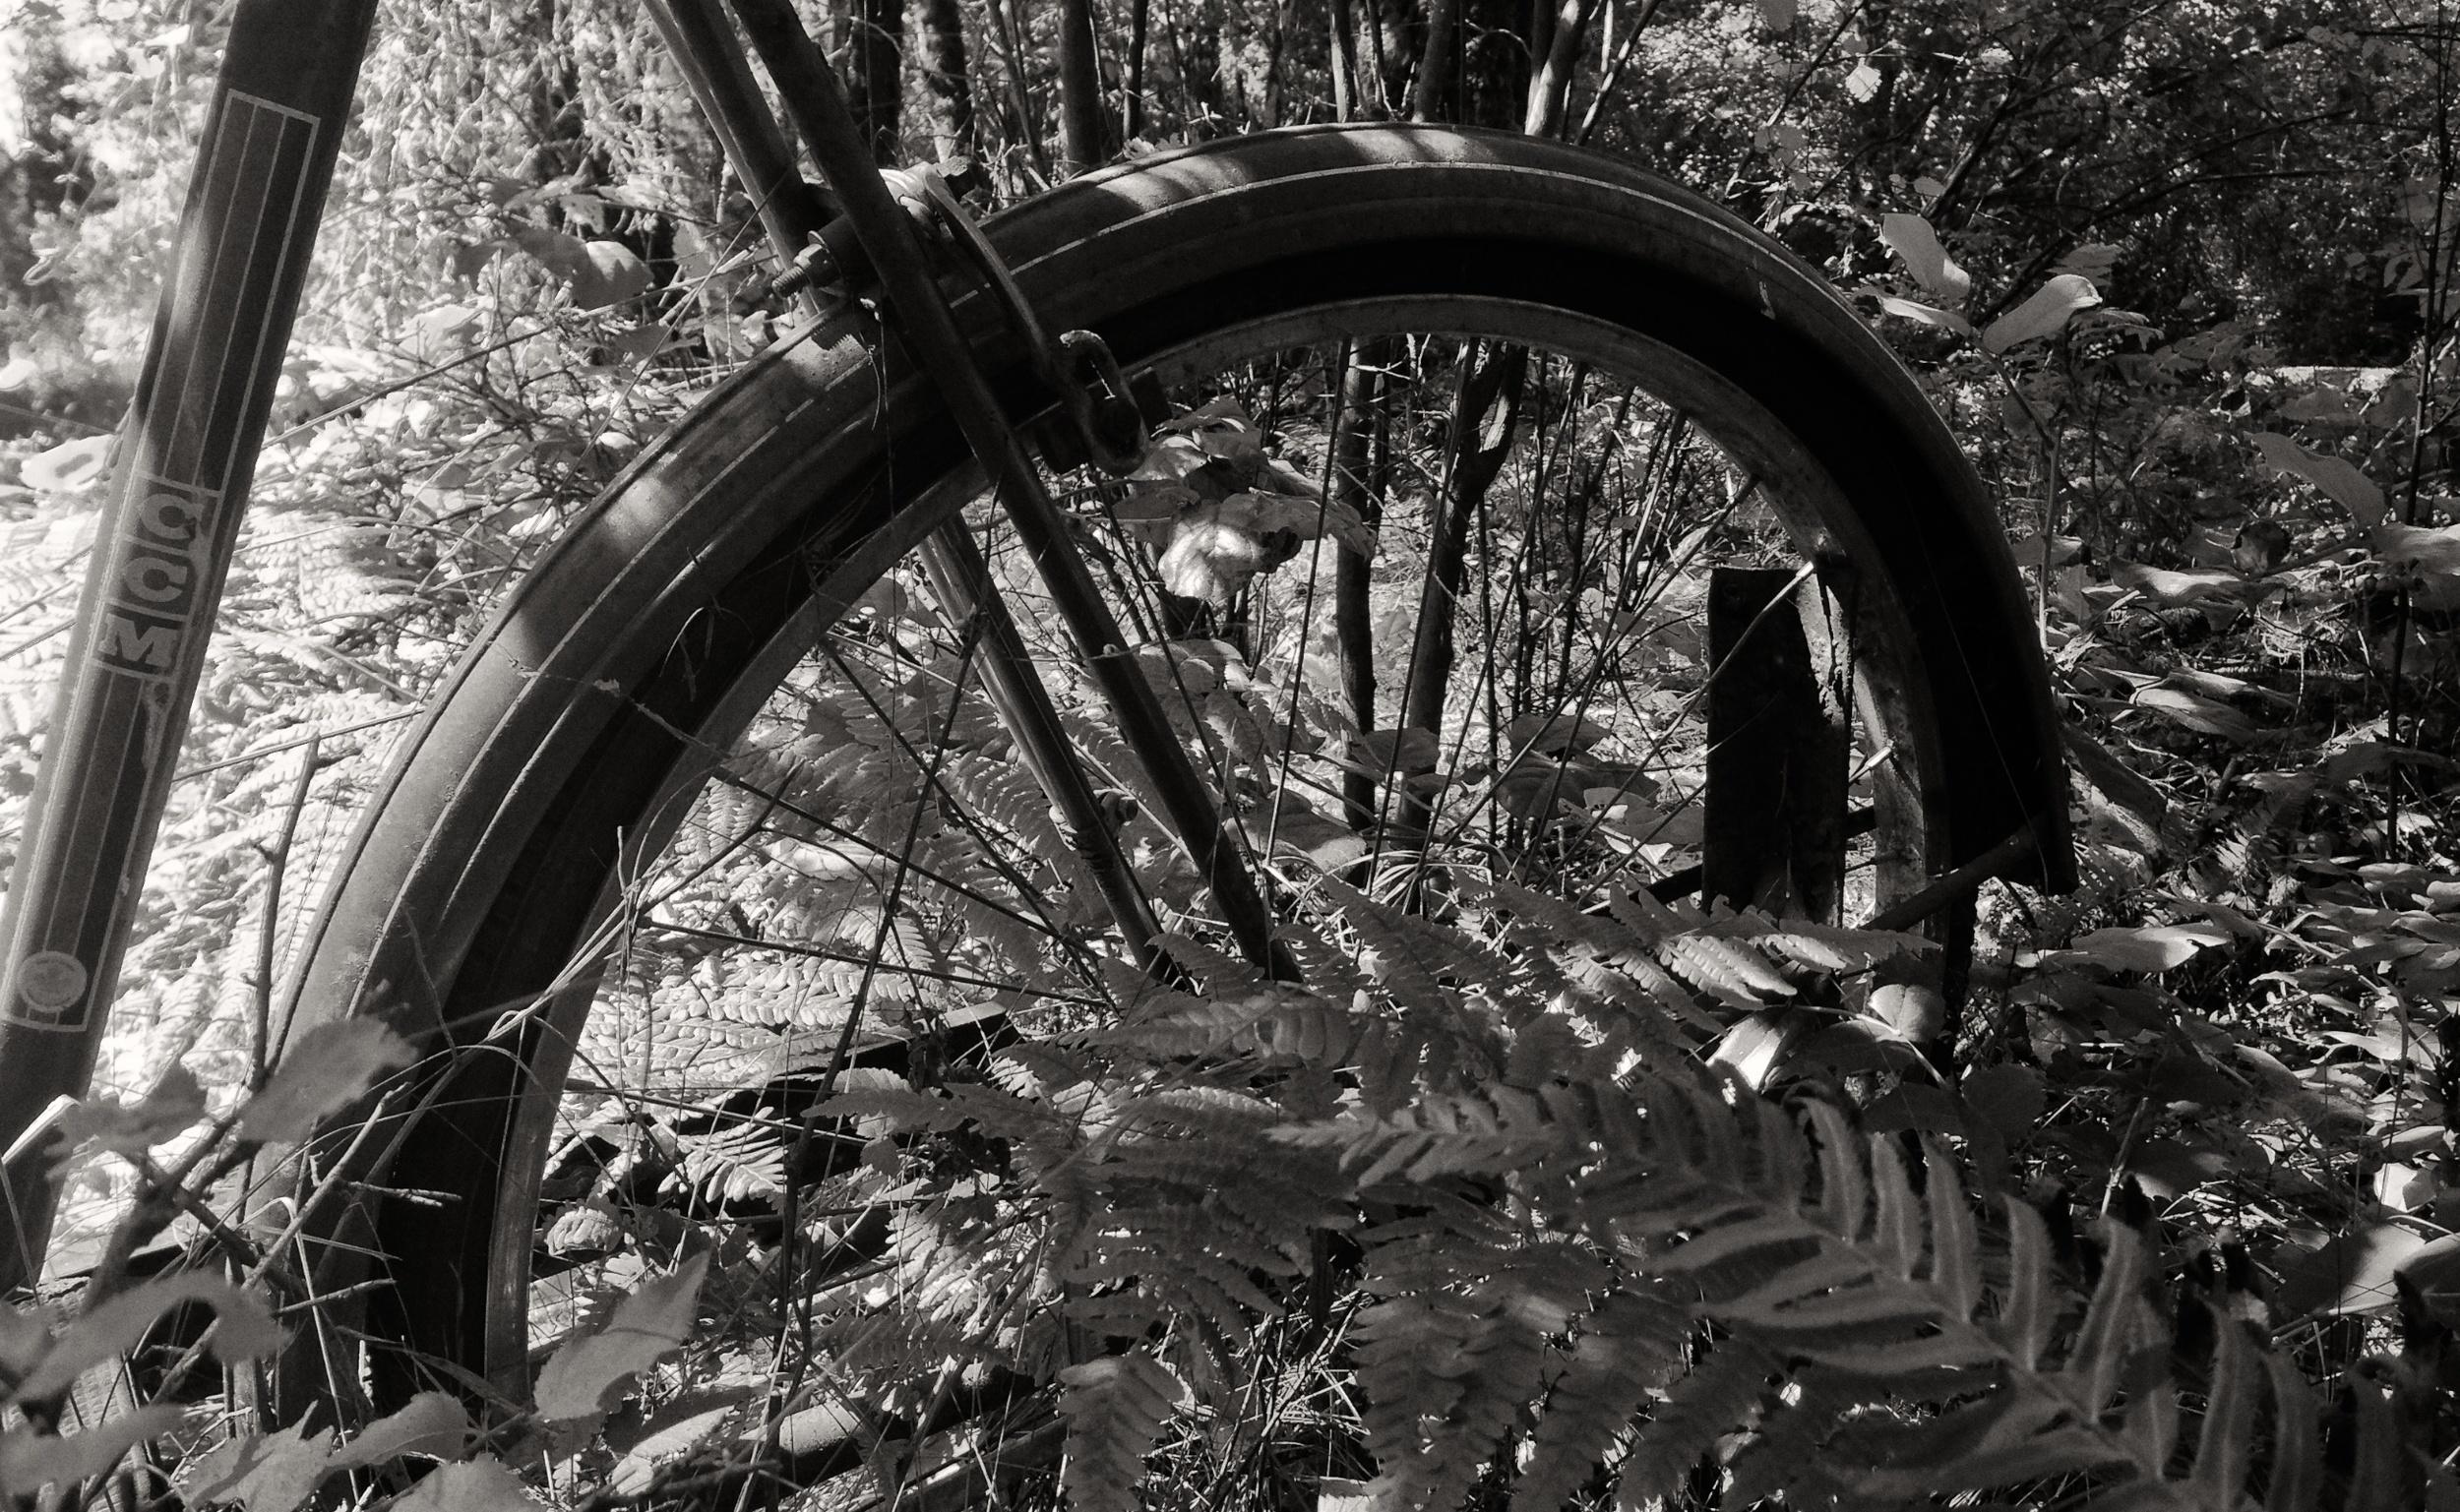 IMG_1805 Bike, CCM, Overgrown, Forest, Ferns, Black & White.jpg